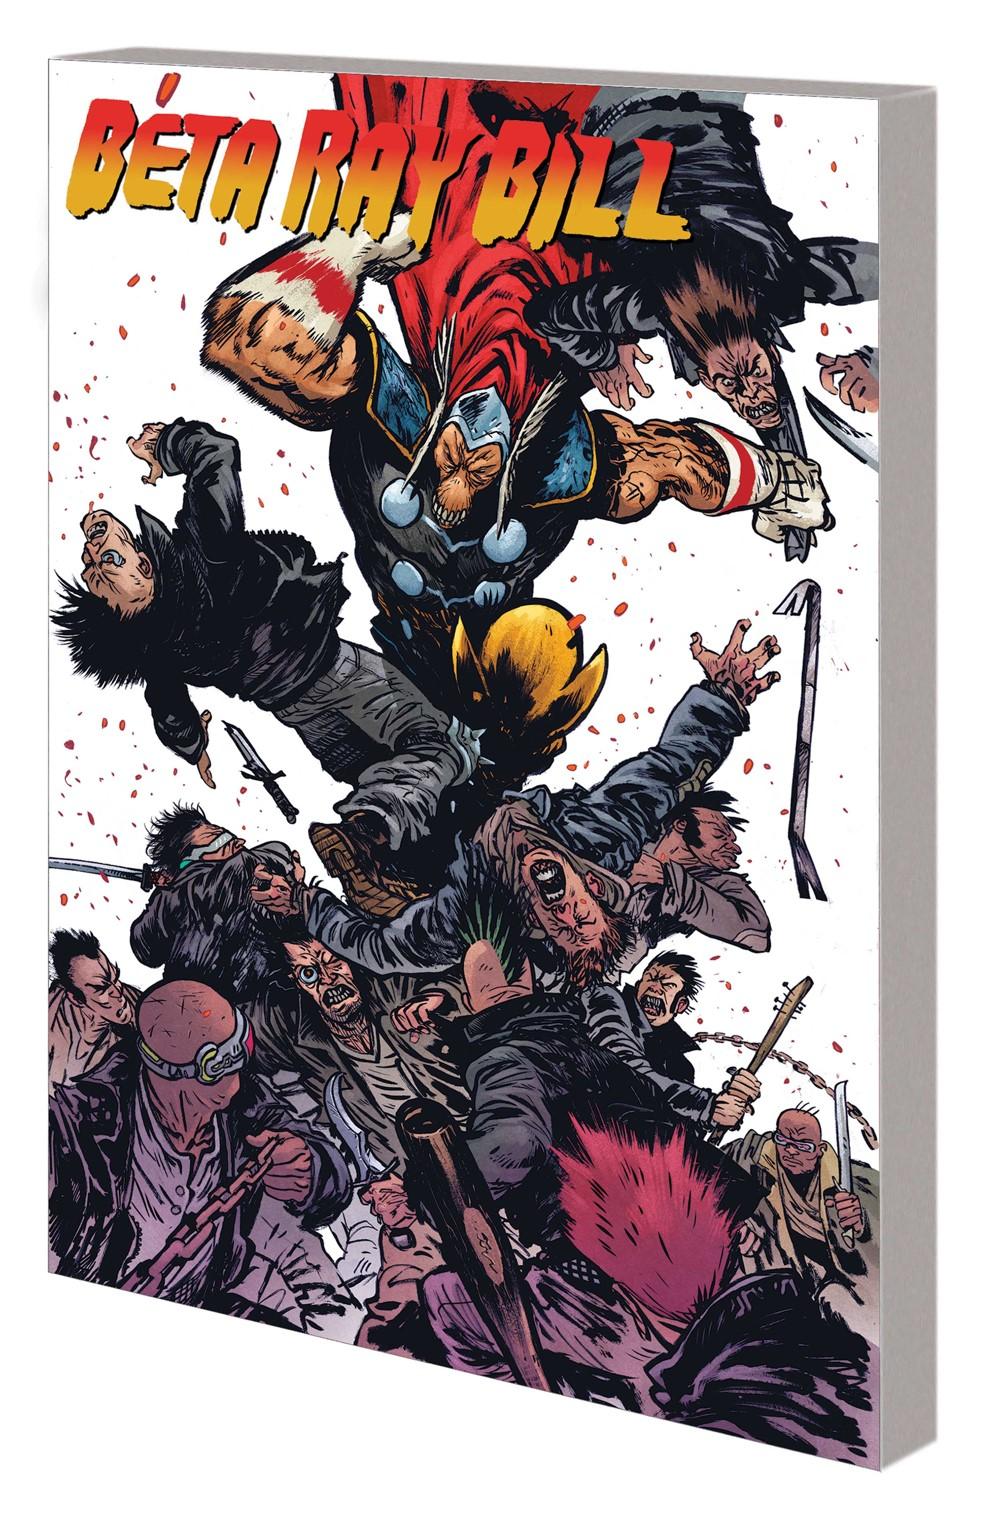 BETA_RAY_BILL_AS_TPB Marvel Comics September 2021 Solicitations